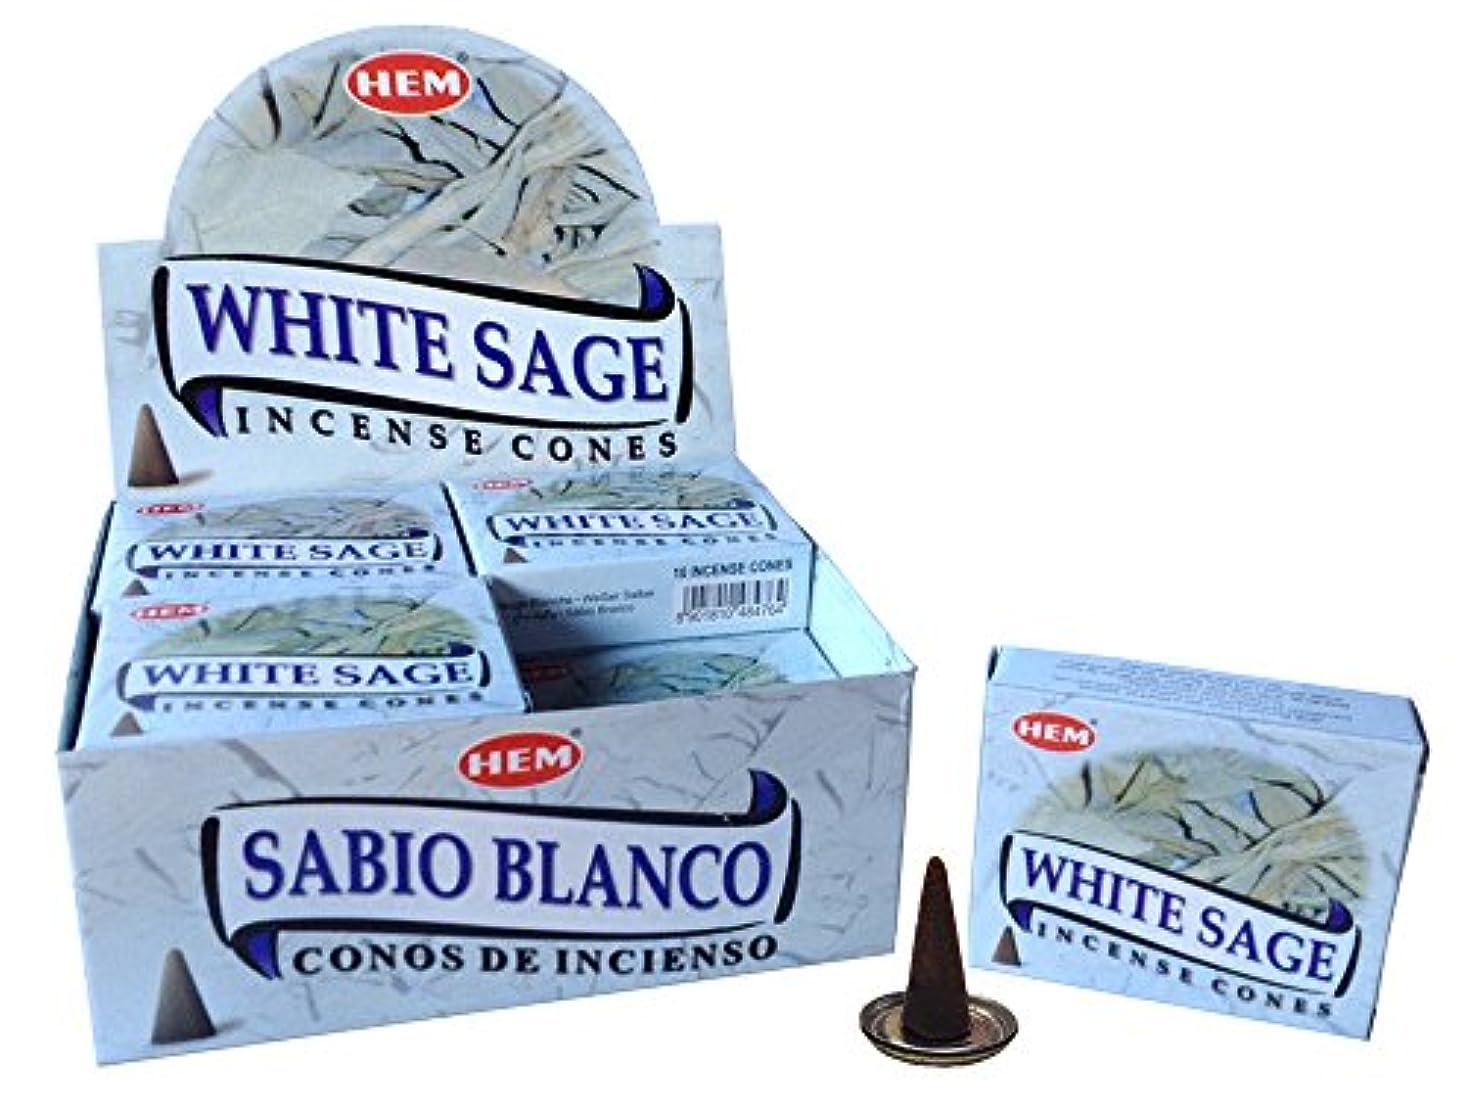 ベーリング海峡可能性有毒なHEM ホワイトセージ コーン 36個セット